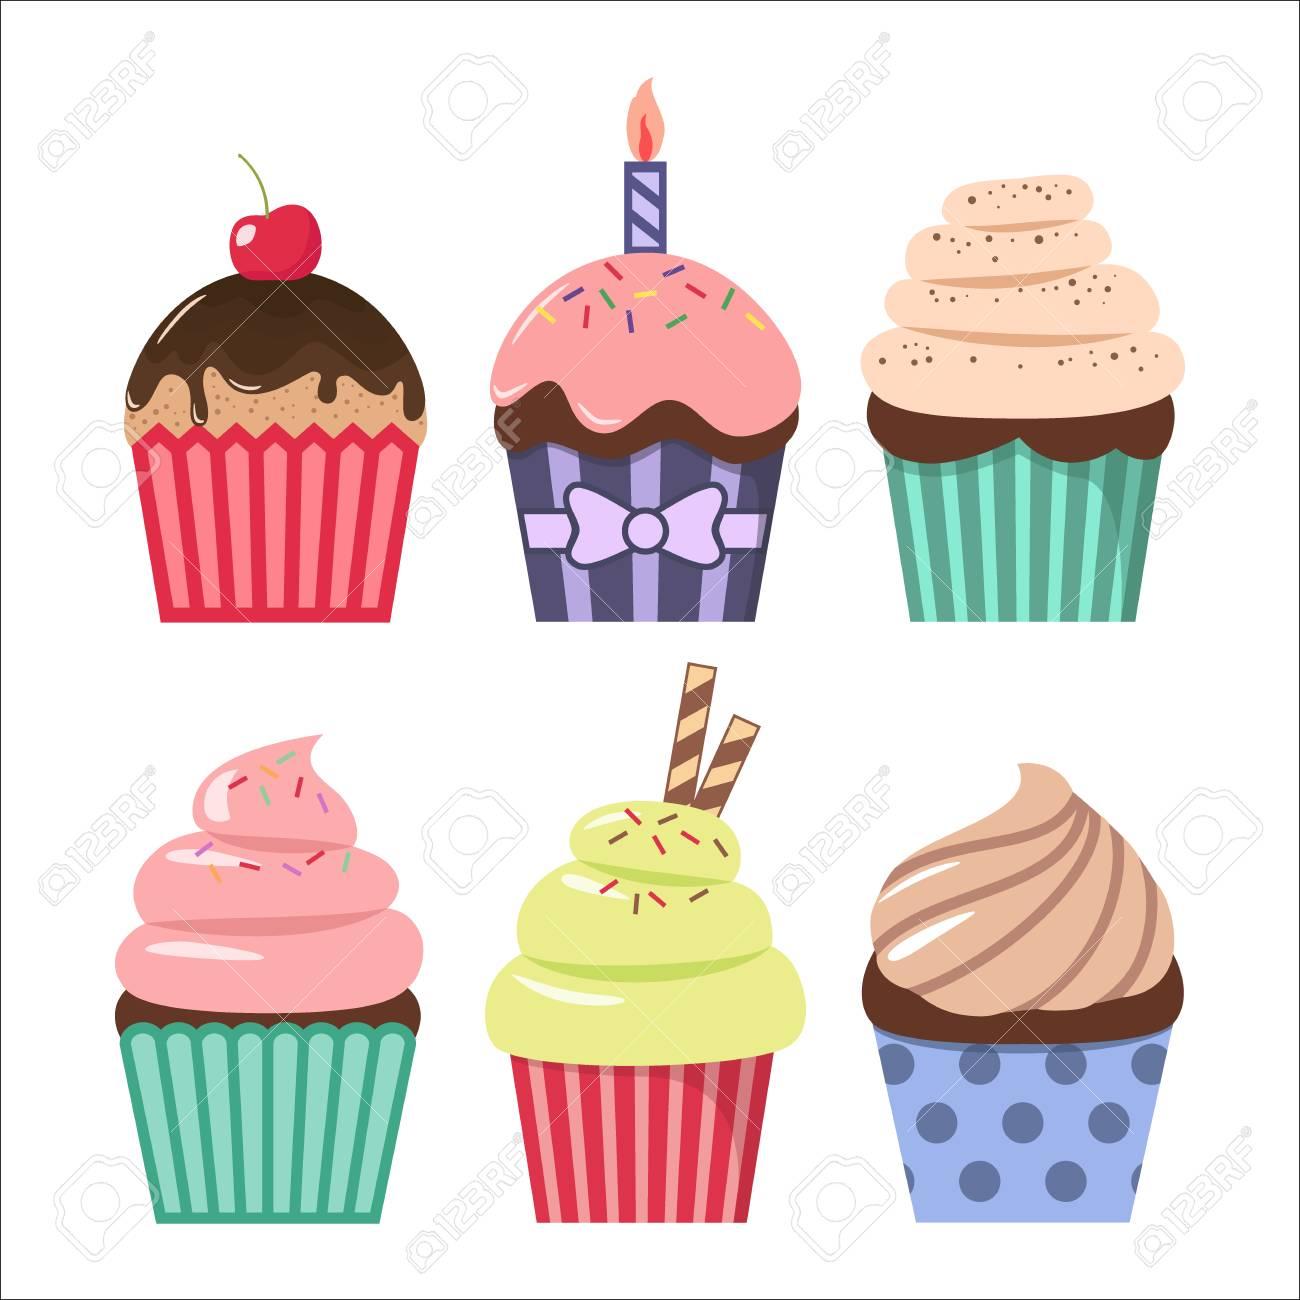 Clip art cartoon cupcake set. Colorful cupcakes clipart cartoons..